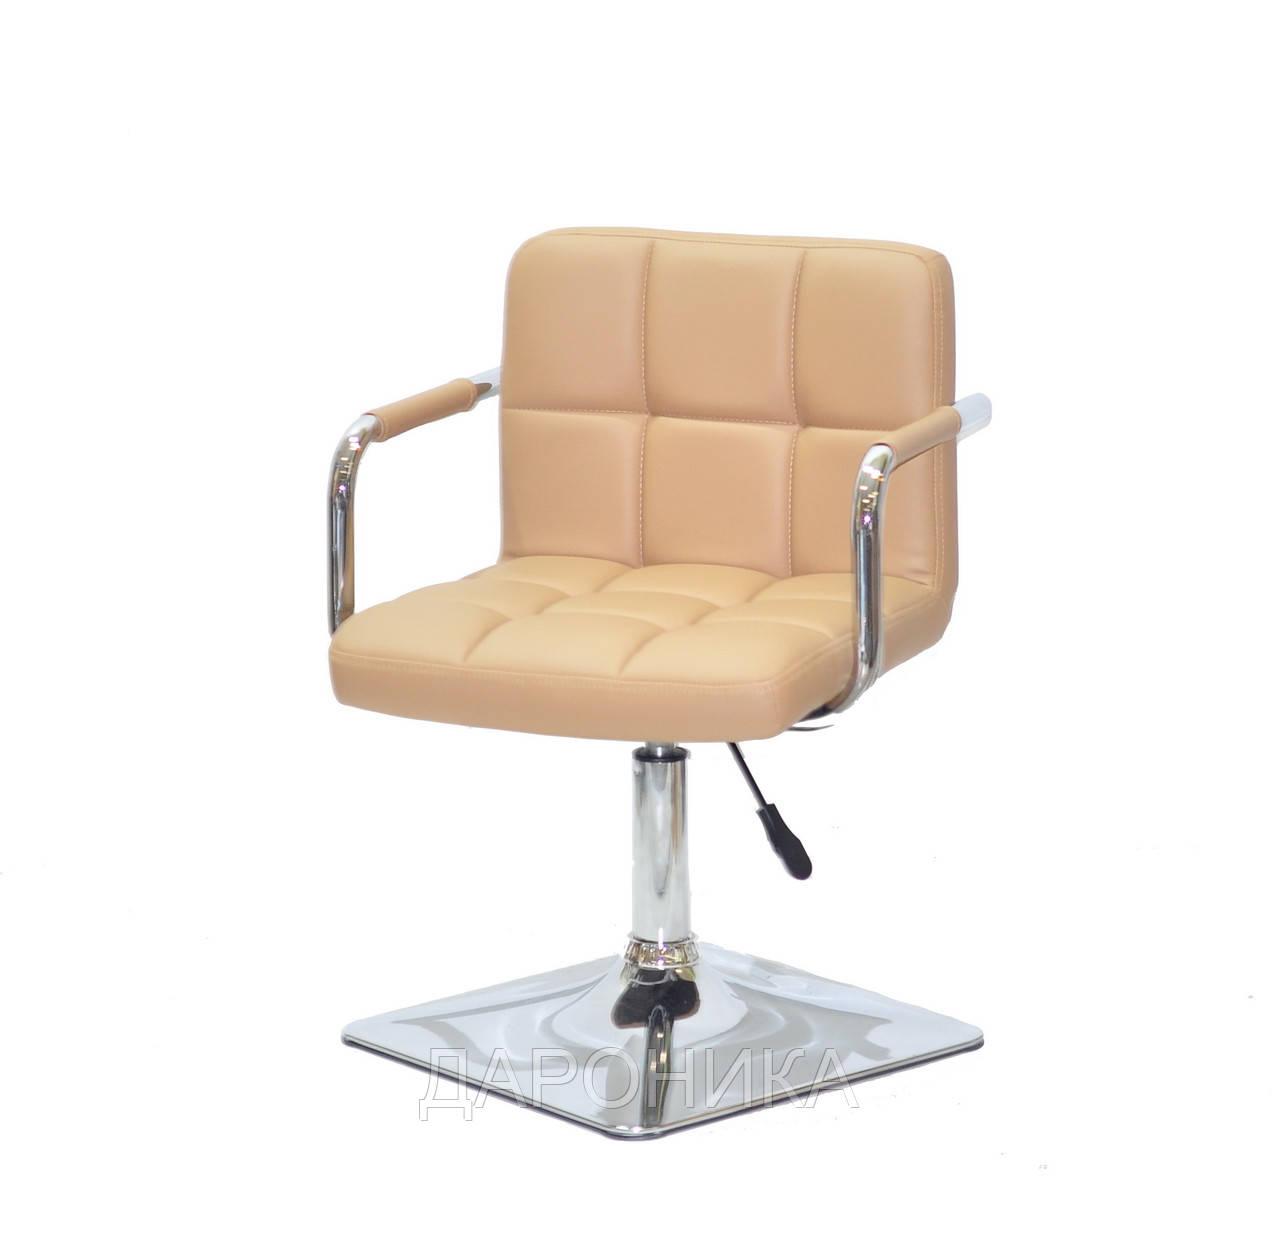 Кресло Arno-Arm 4-CH-Base бежевый 1009 кожзам, с подлокотниками на квадратном основании с регулировкой высоты